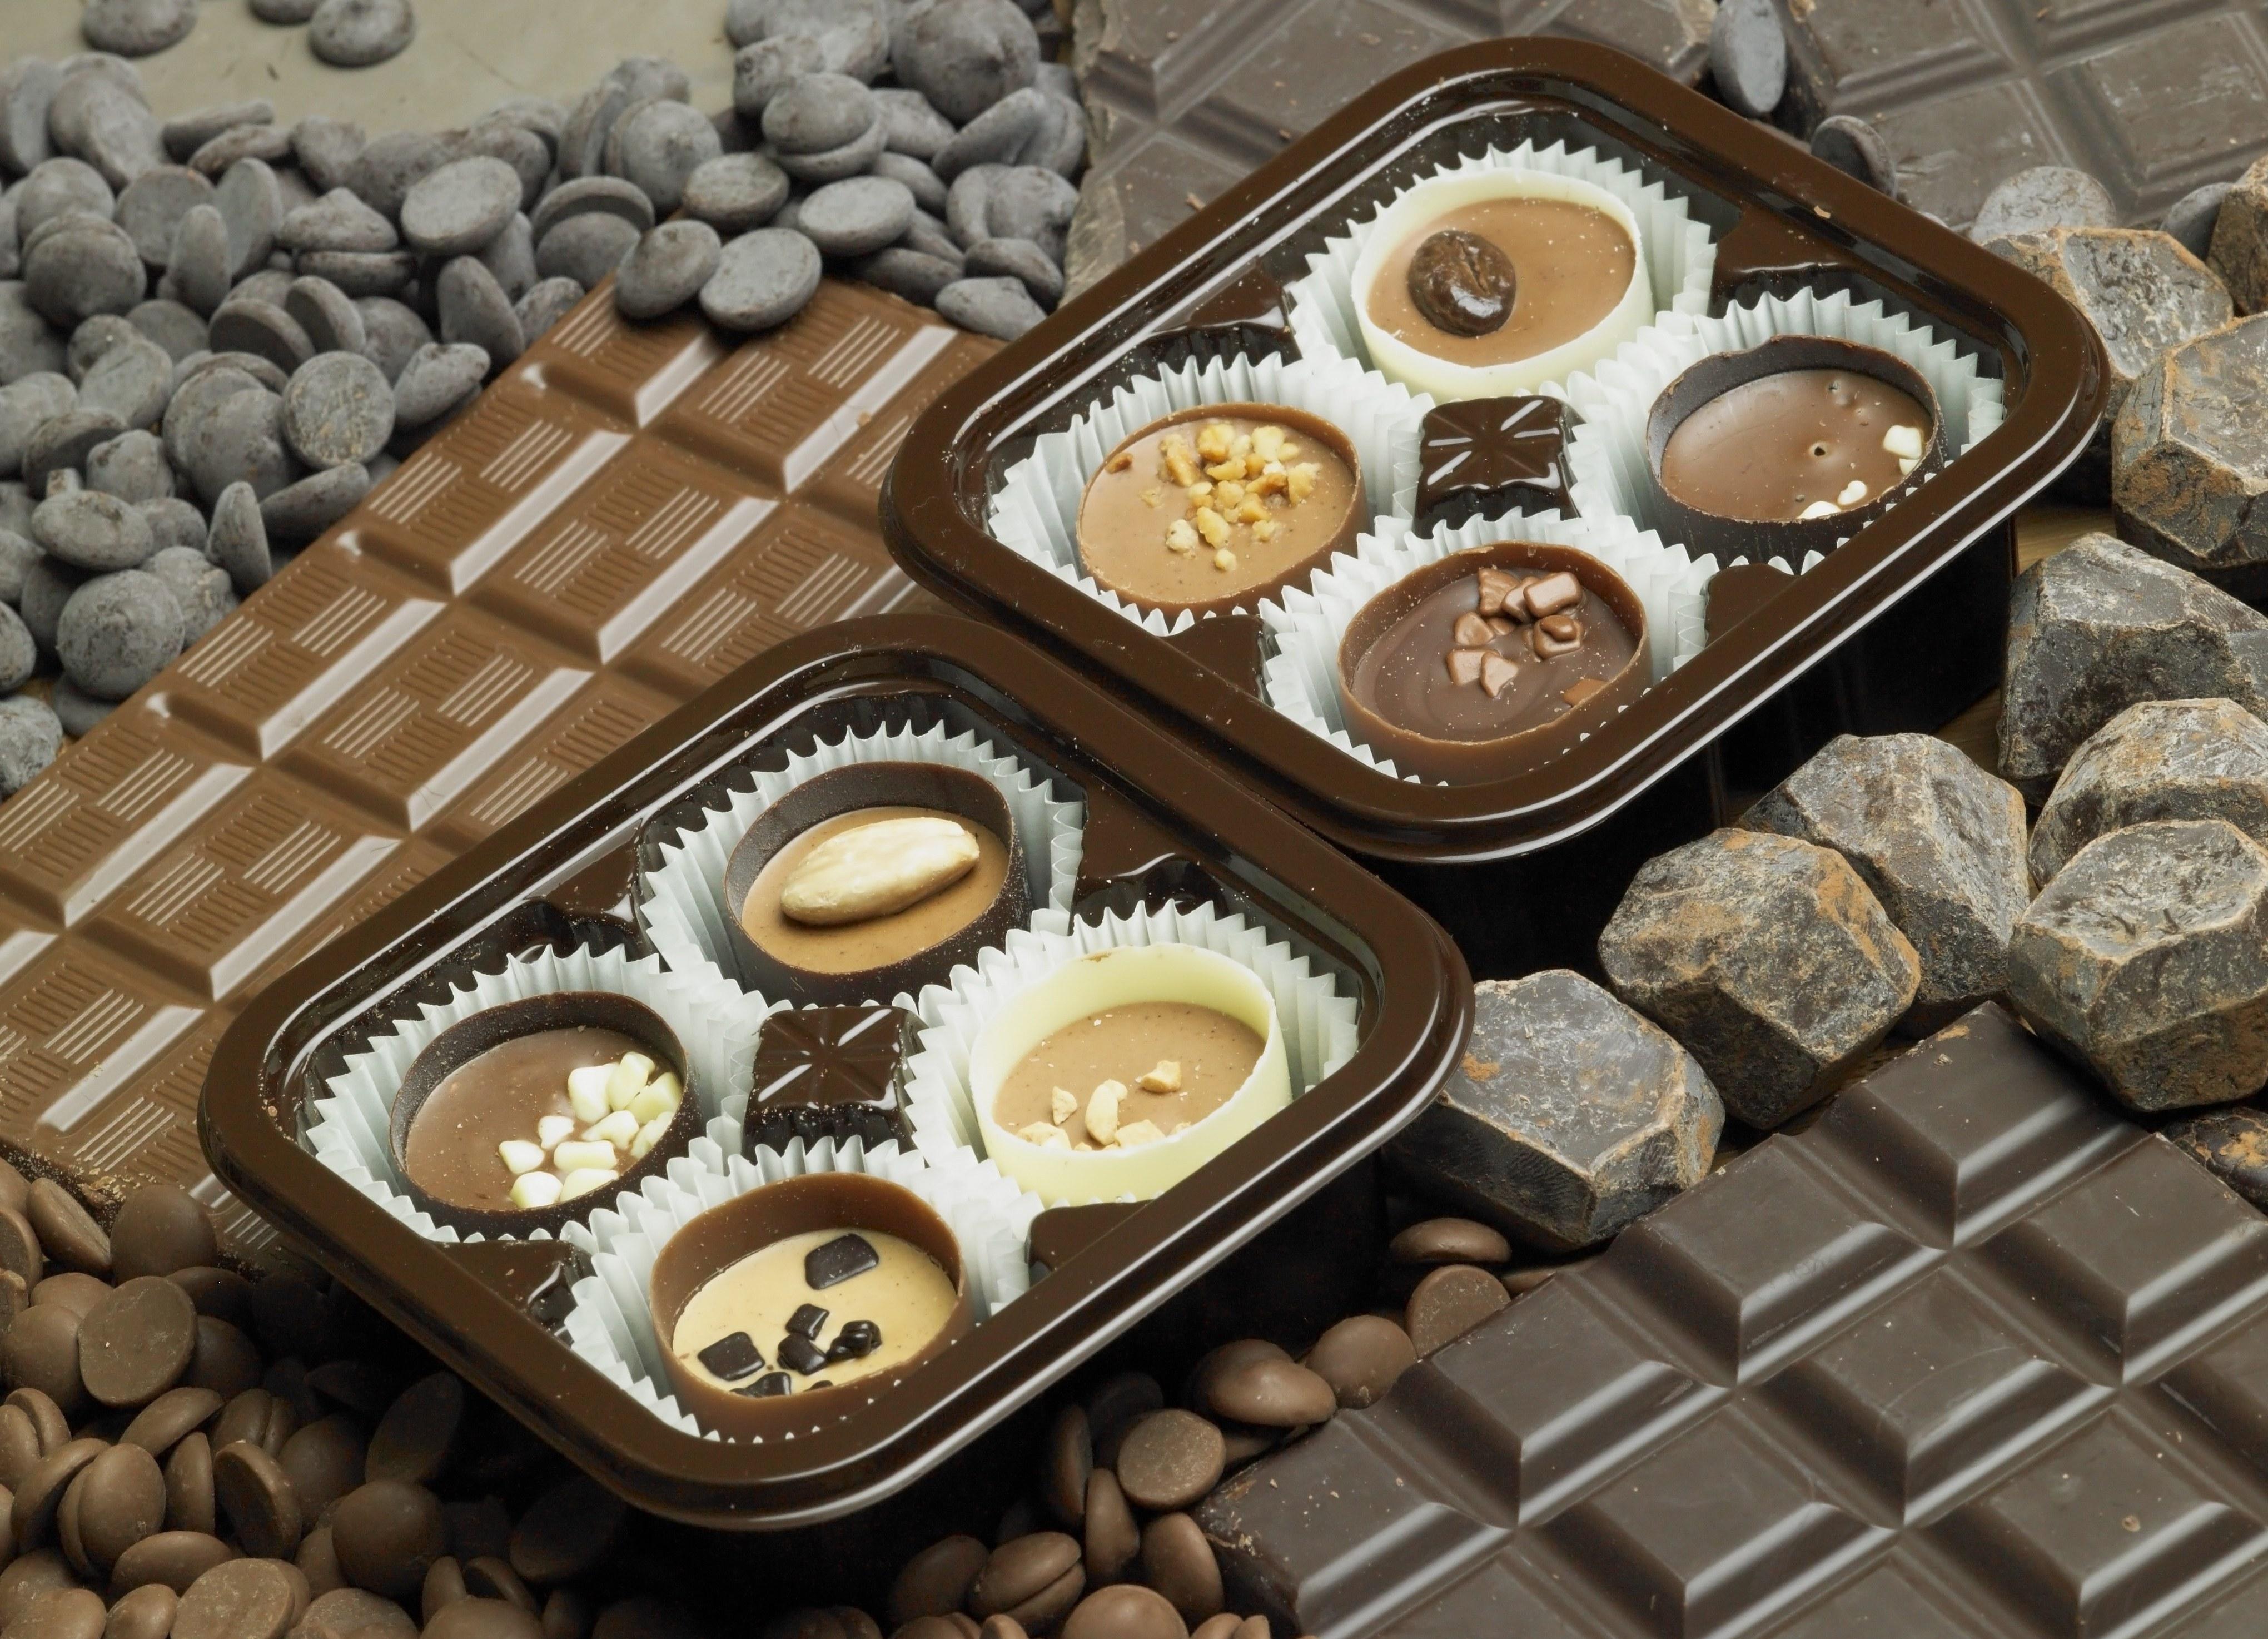 Fondos De Pantalla De Chocolates: Chocolate 4k Ultra Fondo De Pantalla HD